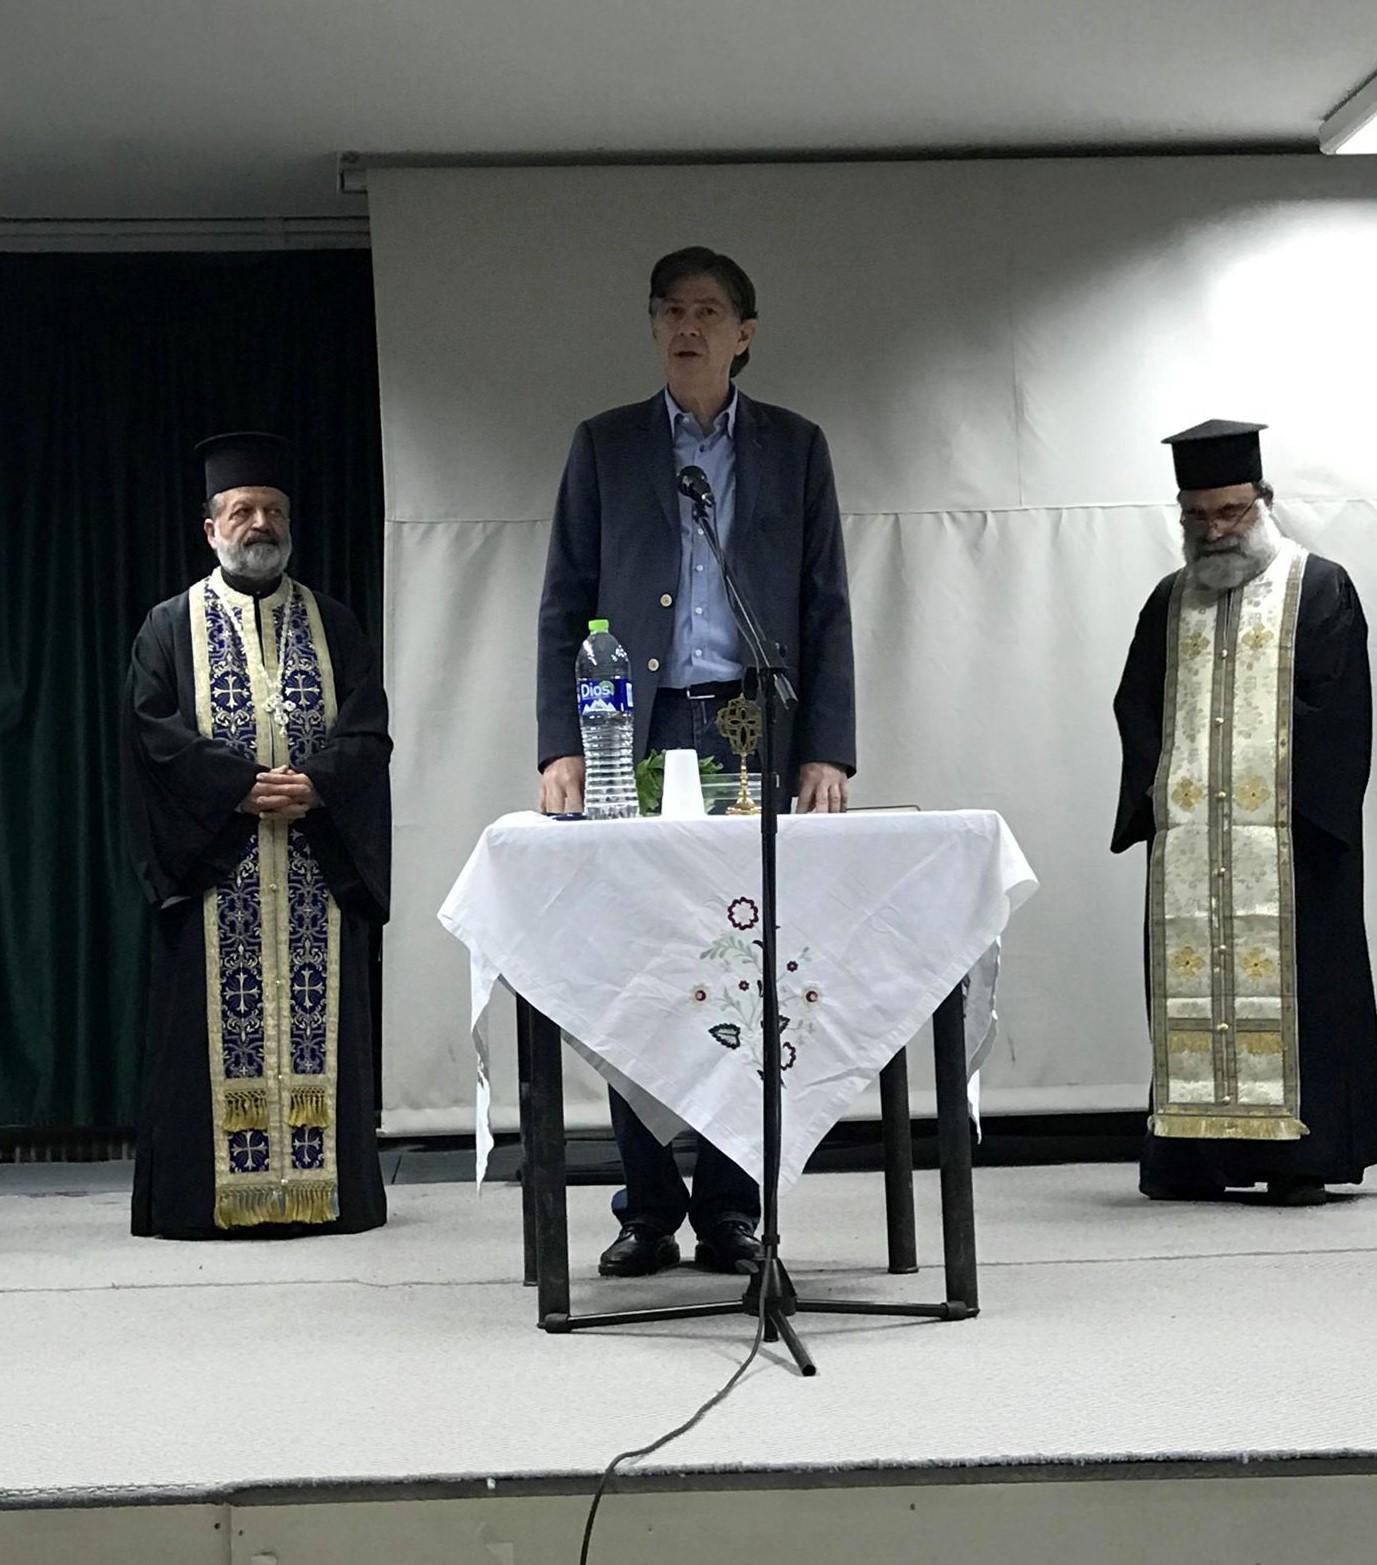 Ο Δημήτρης Μπαξεβανάκης στο ΣΔΕ Βάρδας